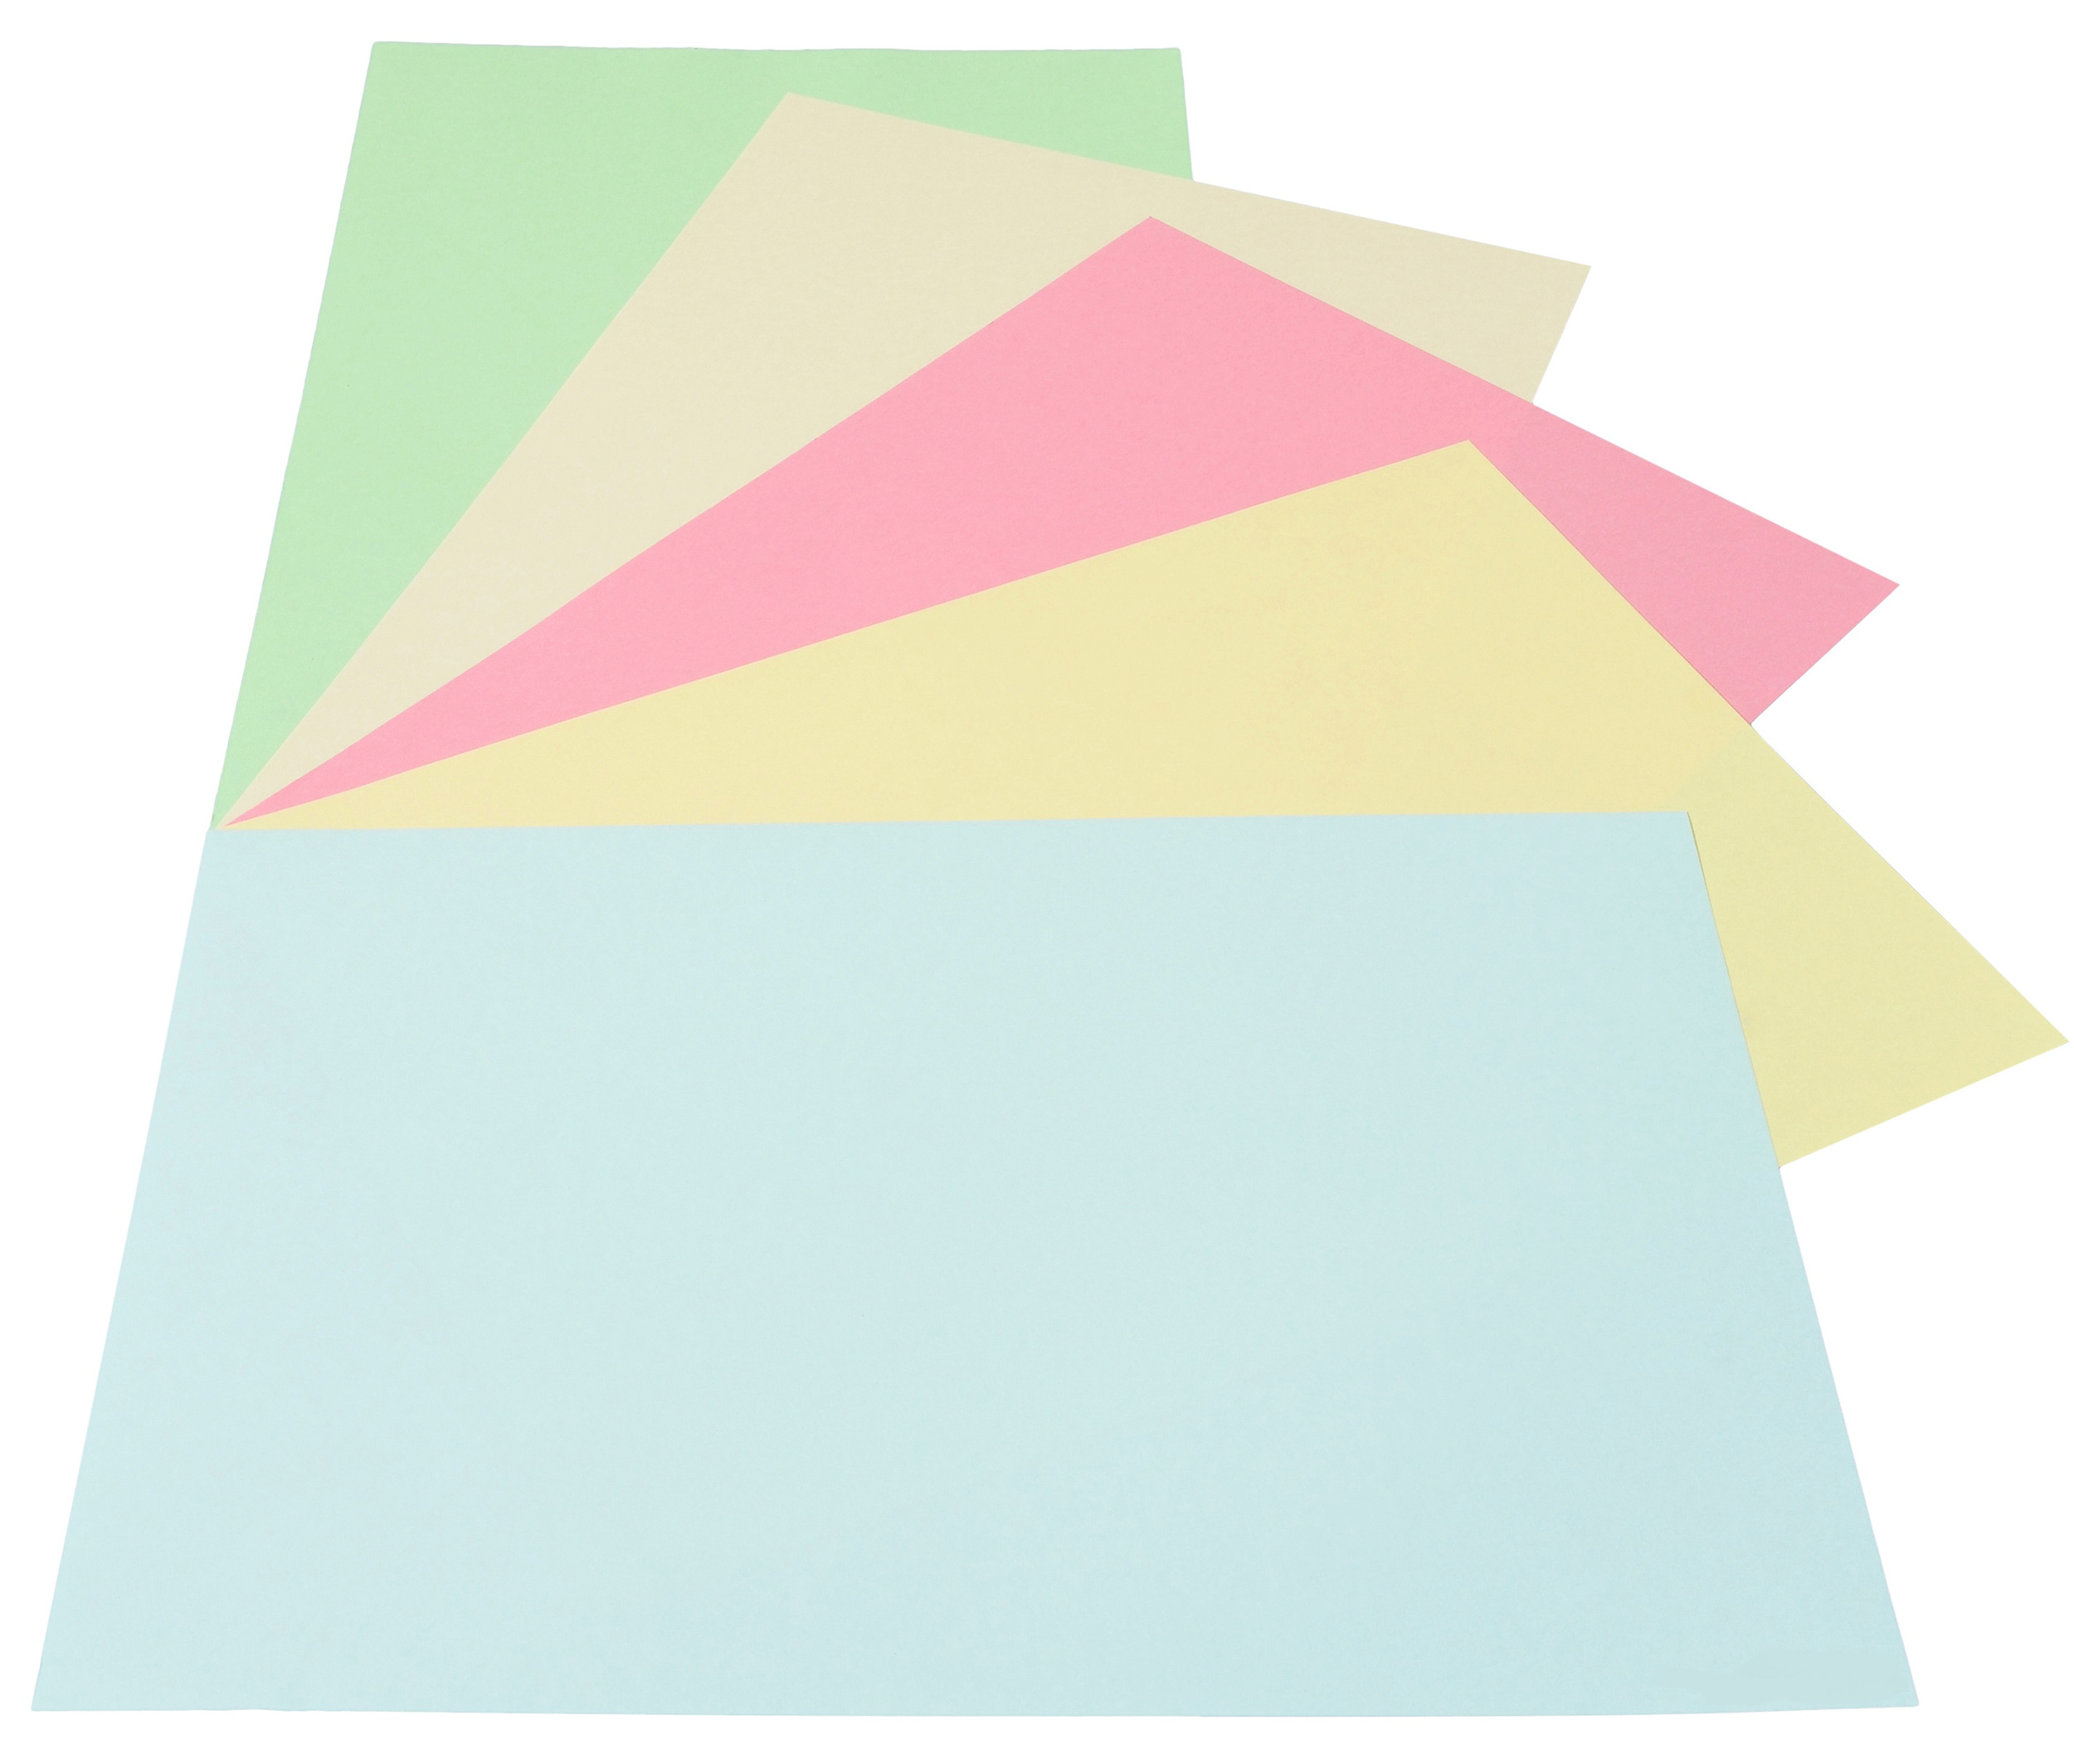 Набор бумаги цветной RB01, A4 80г/м2., 250листов (5 цветов по 50 листов), пастель Mondi - фото 2